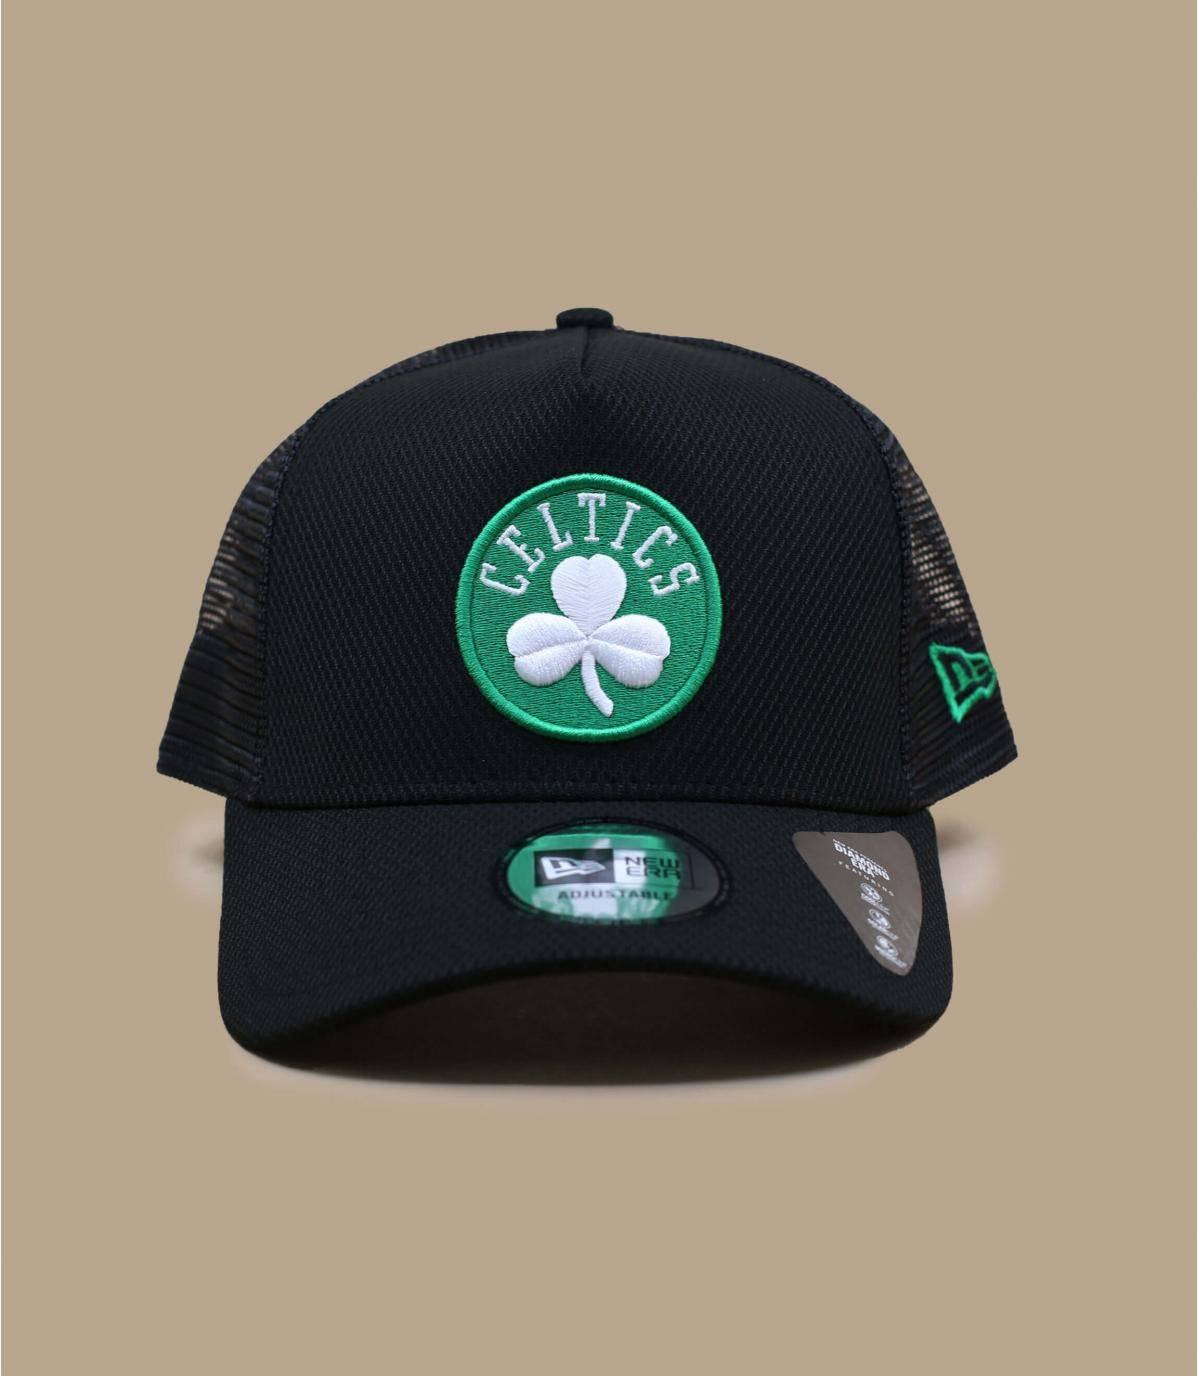 Celtics cap